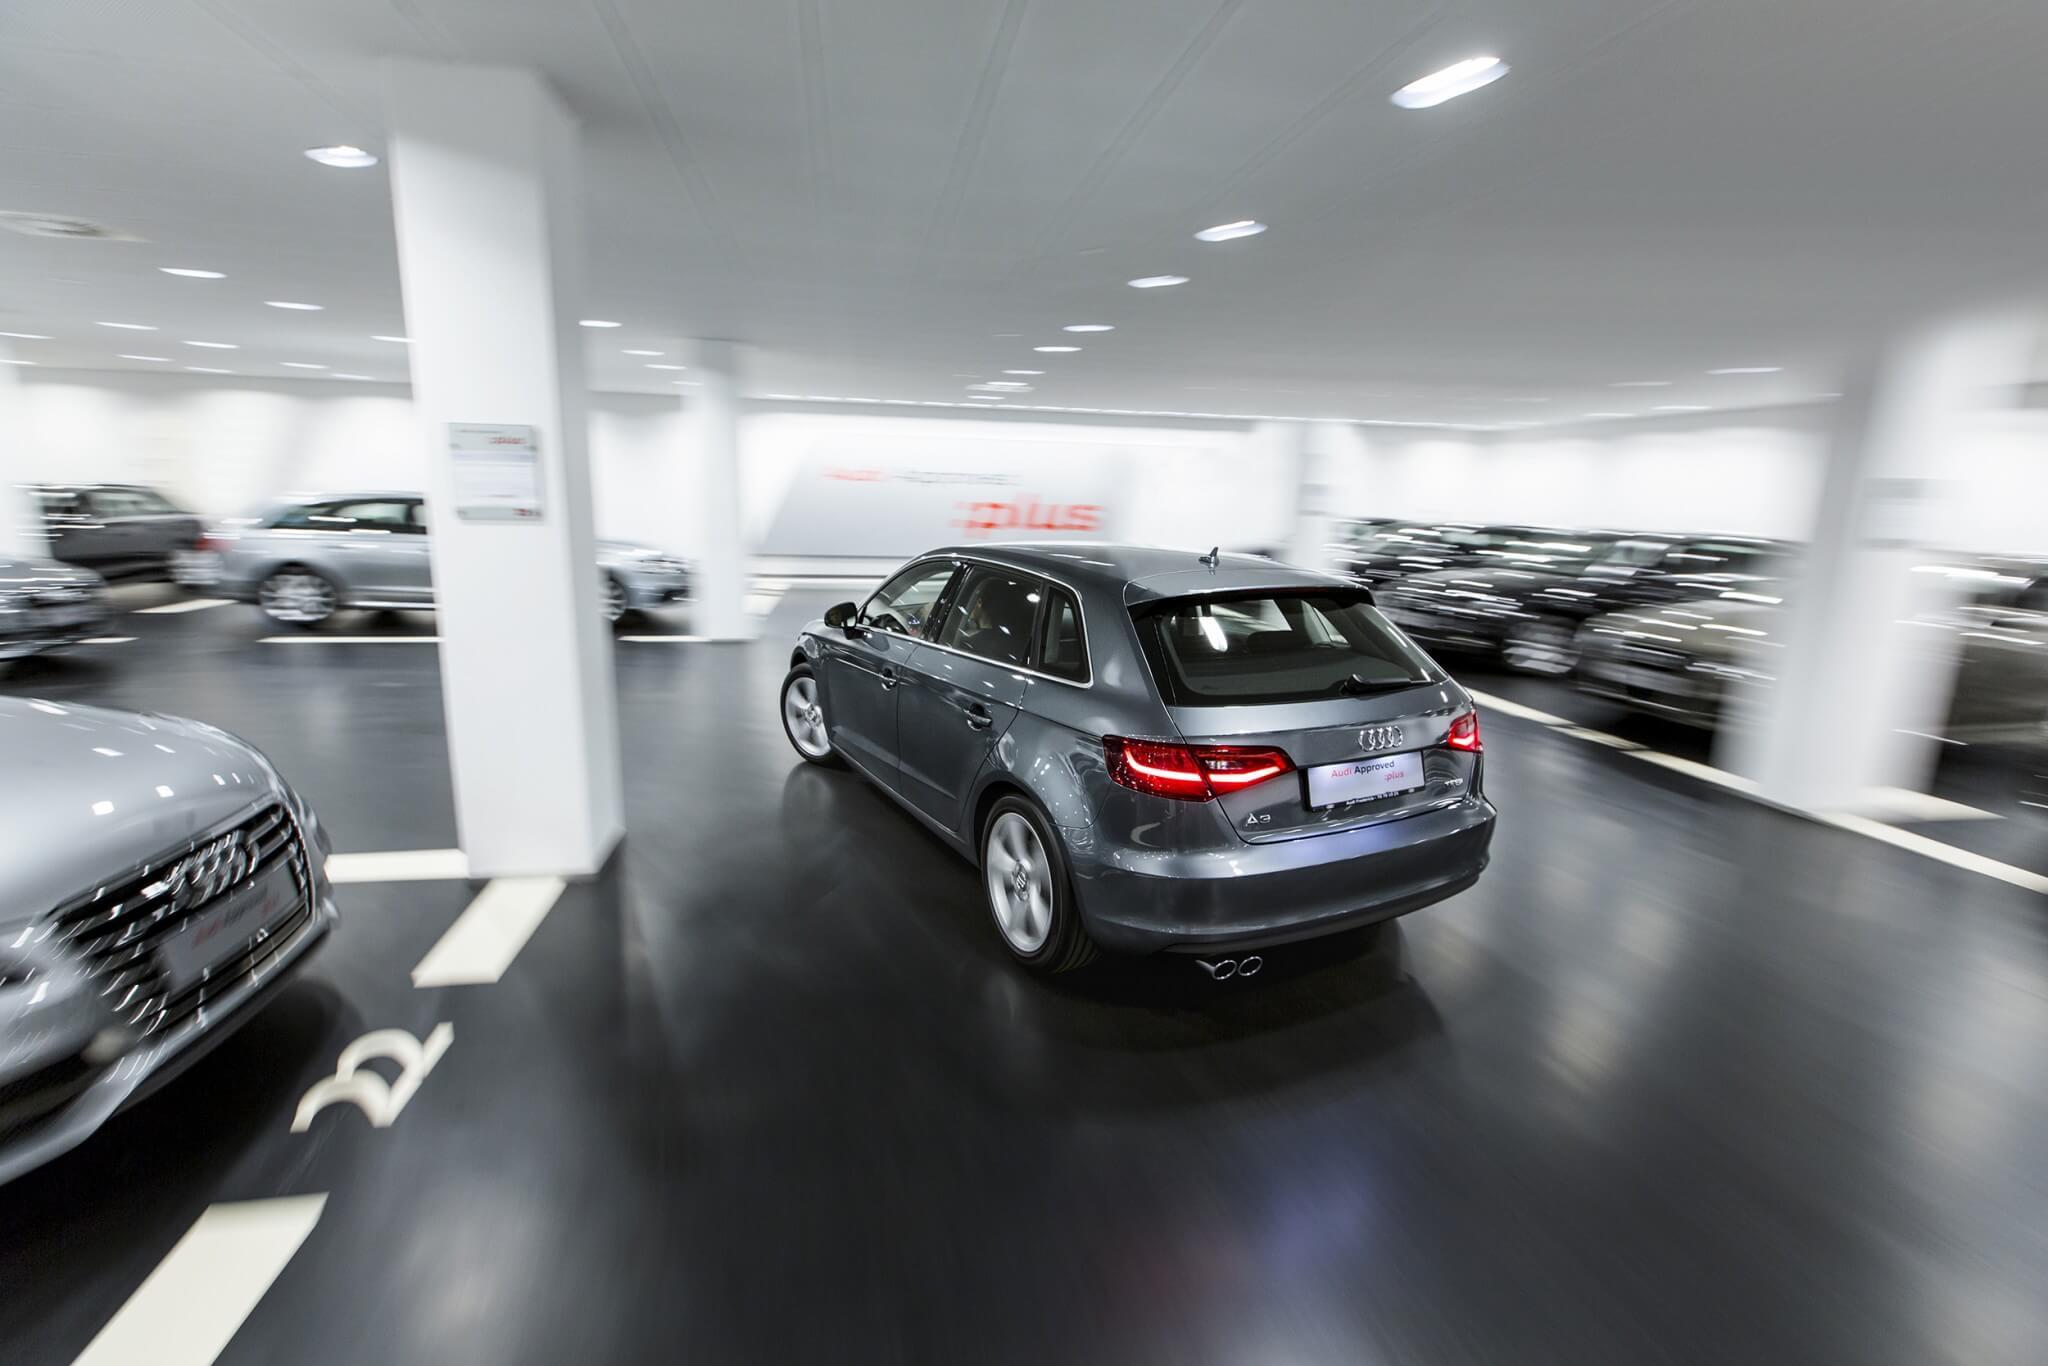 Audi Fredericia car park in Denmark